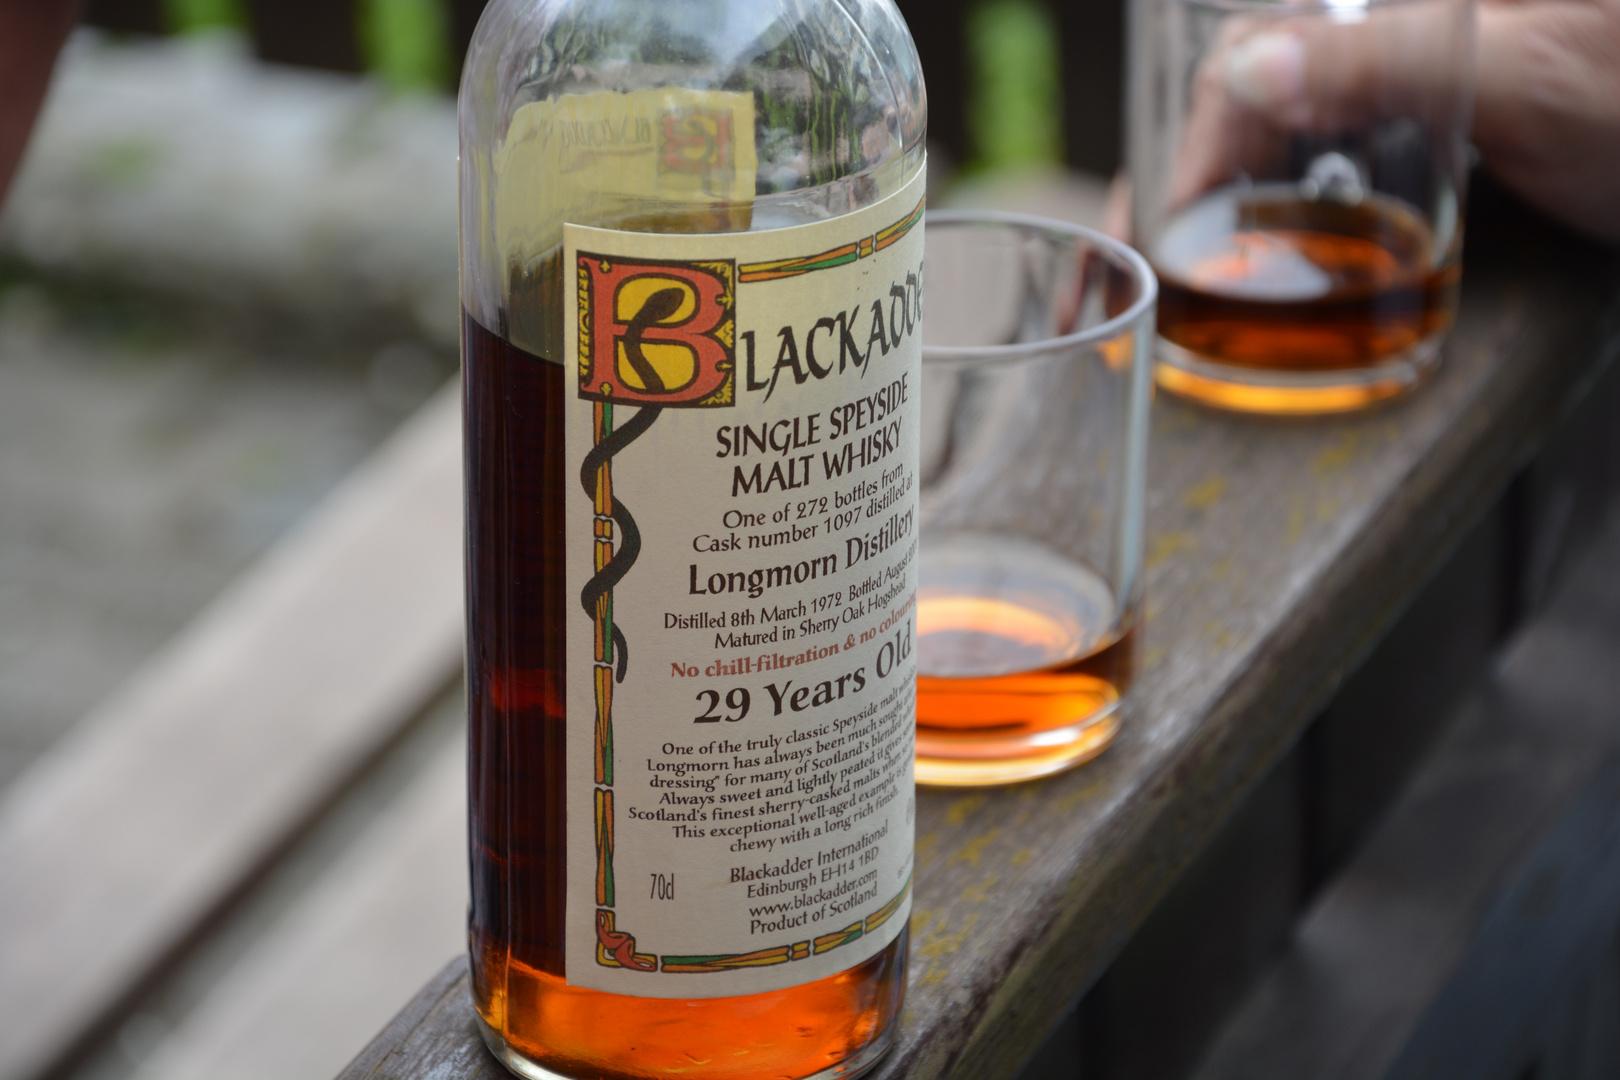 Blackadder - Single Speyside Malt Whisky